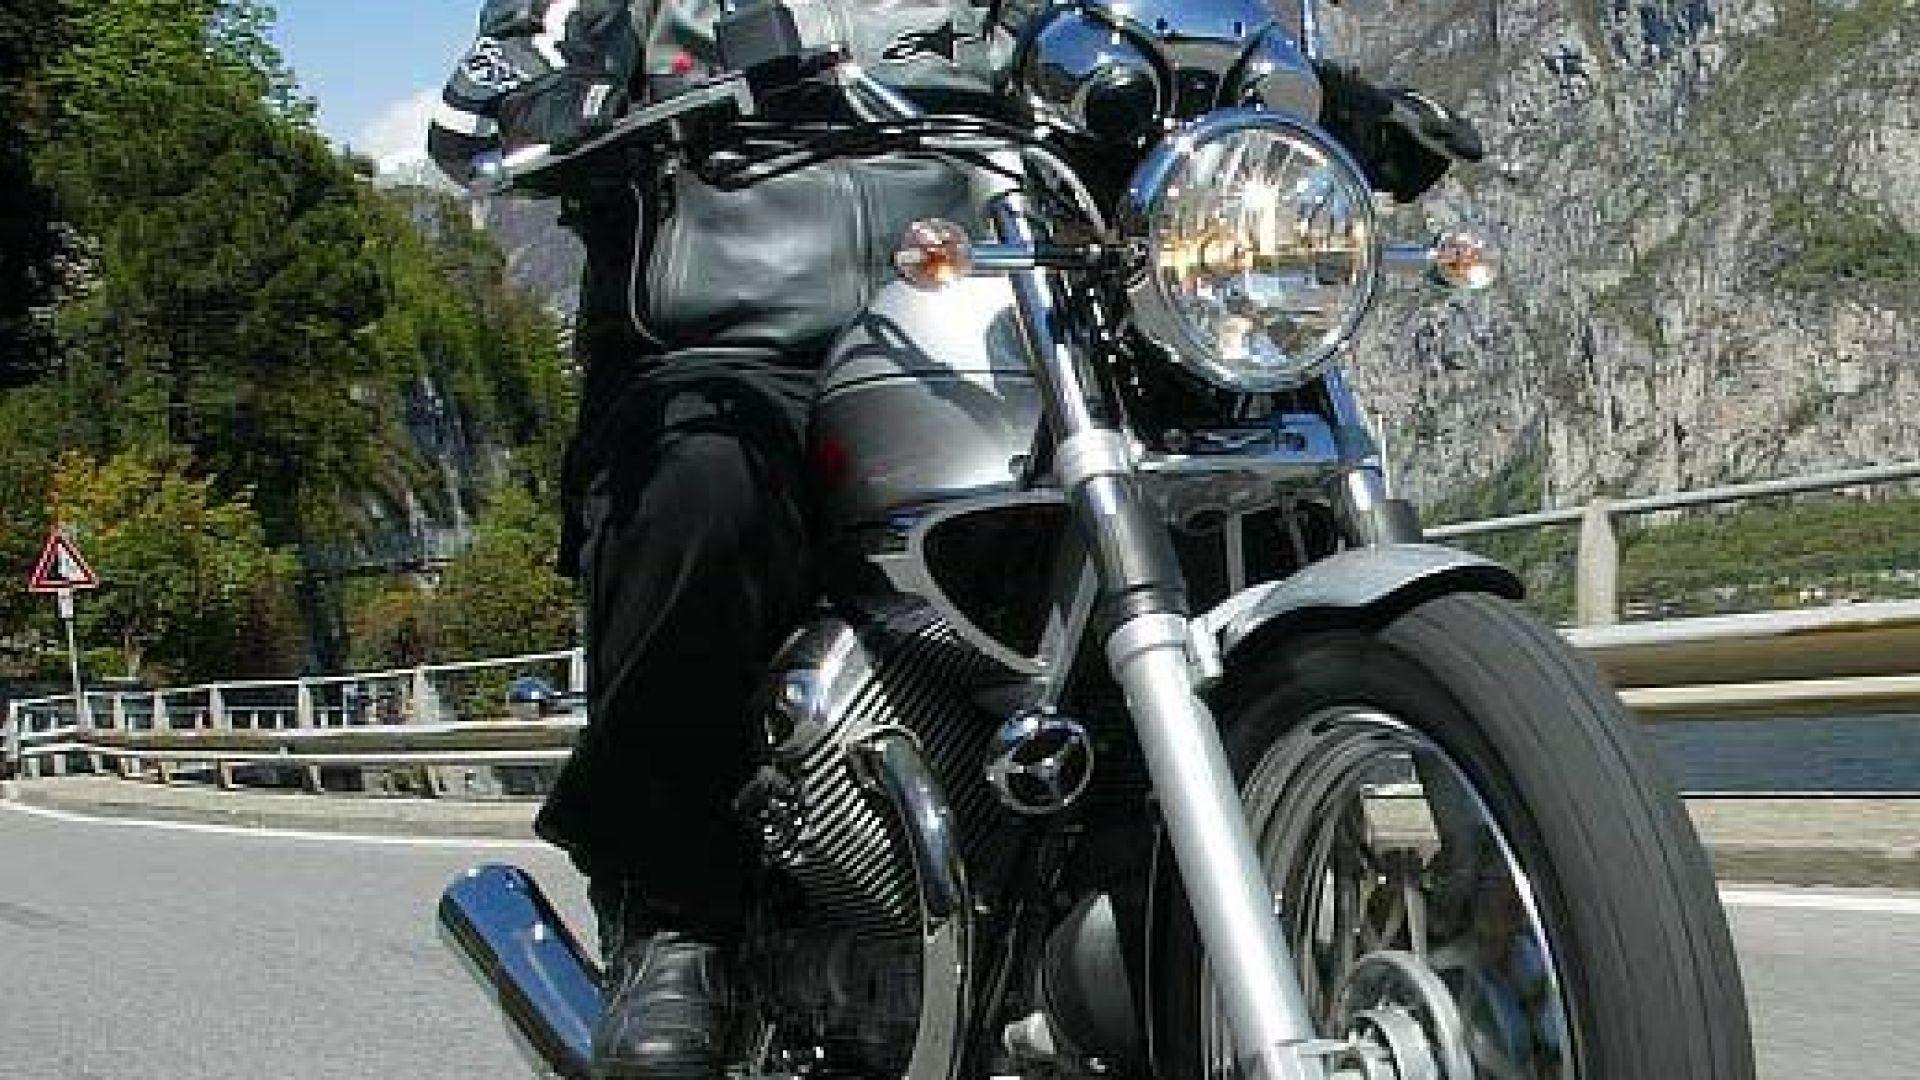 Moto Guzzi California >> Prova su strada: Moto Guzzi Nevada Classic '04 - MotorBox